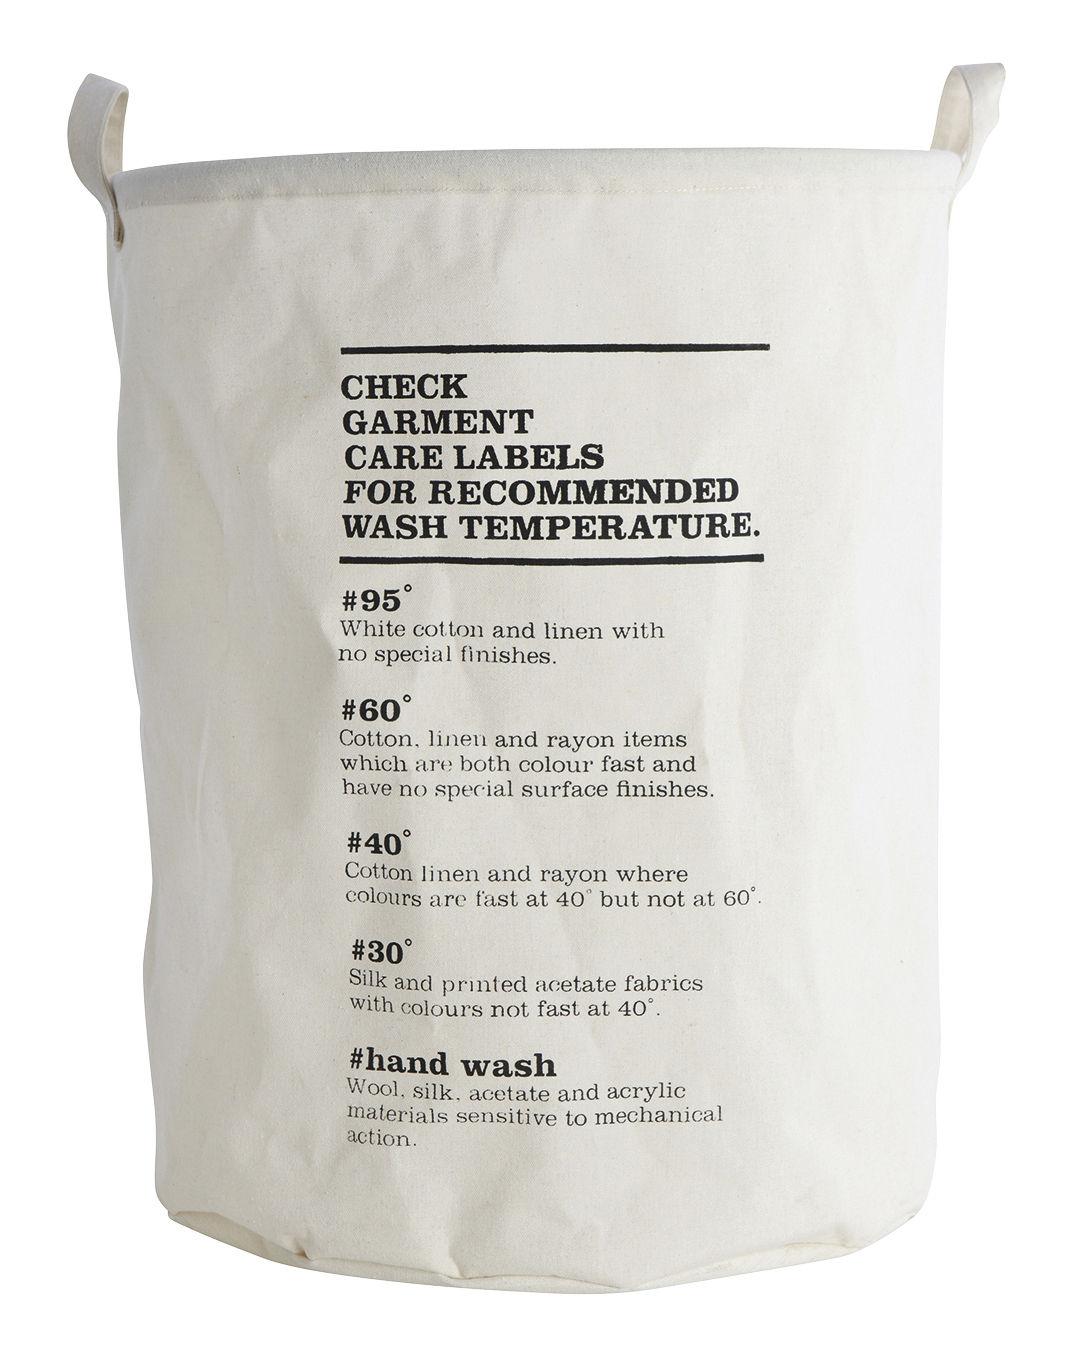 Déco - Paniers et petits rangements - Corbeille à linge Wash Instructions / Ø 40 x H 50 cm - House Doctor - Instructions de lavage - Coton enduit